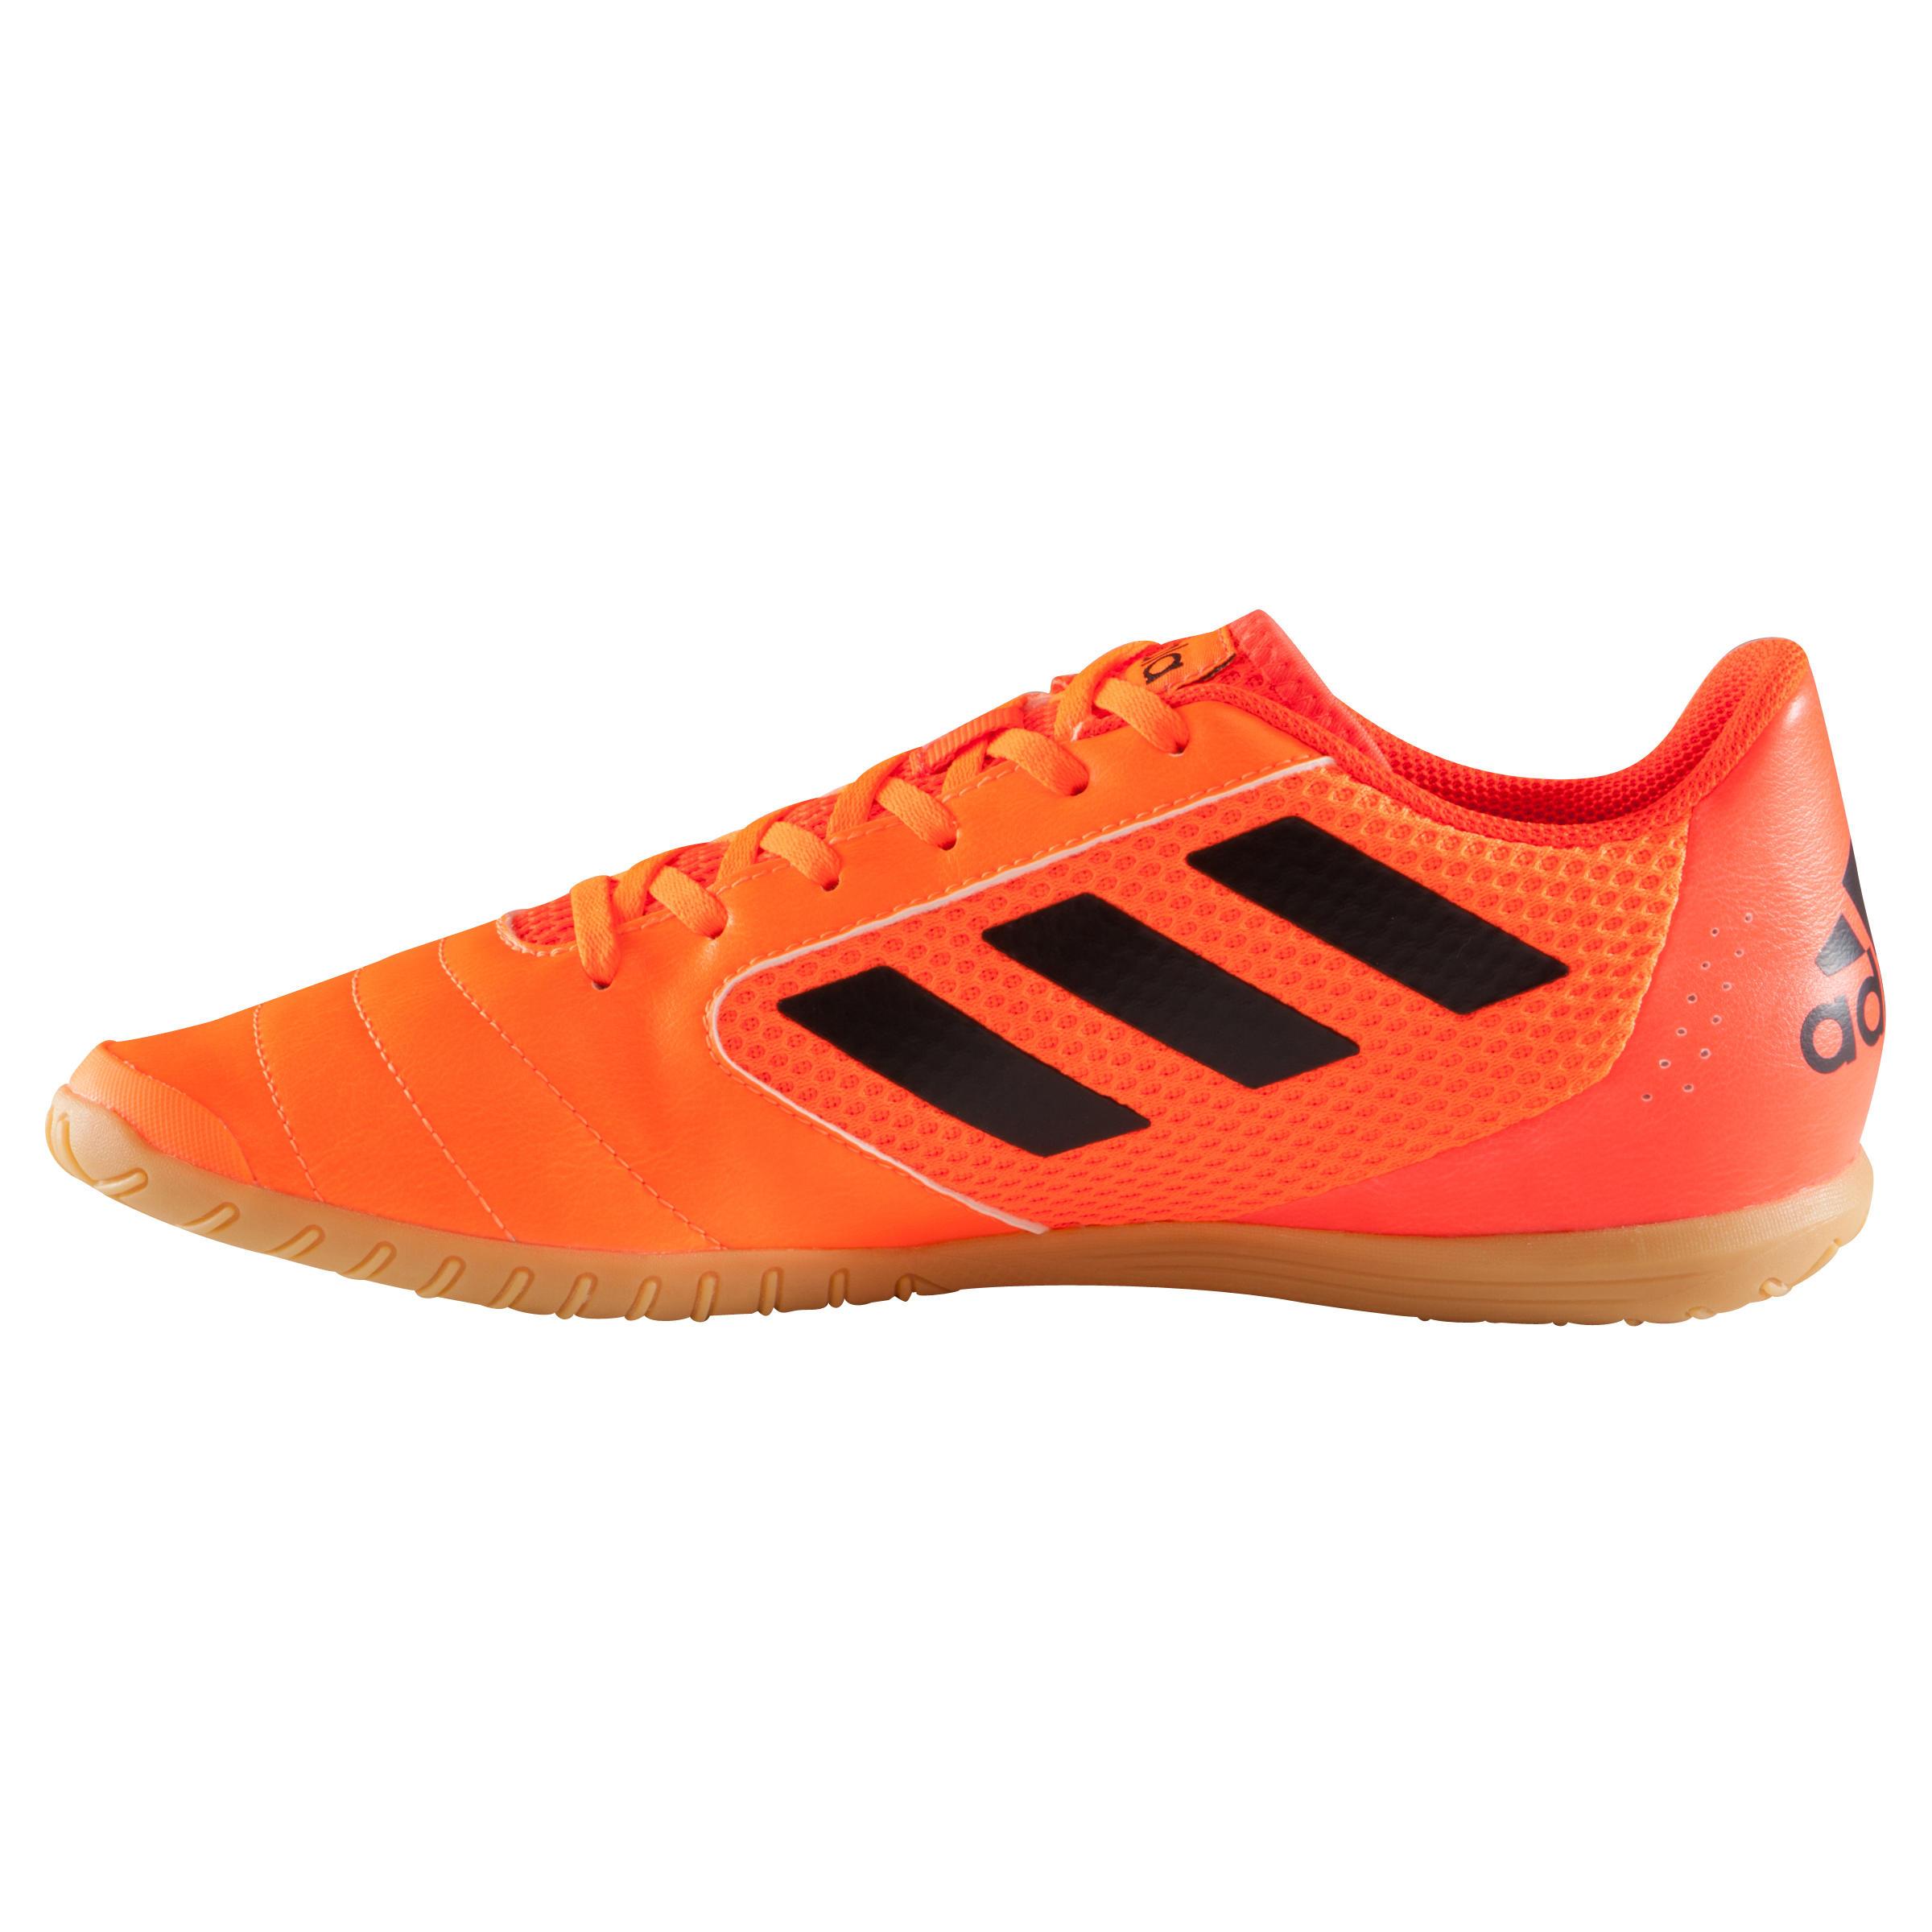 huge discount 0735f 319fd 46EUR,chaussure de foot dans l u0027eau chaude,chaussures de football  vertes,chaussures de chaussure foot adidas decathlon